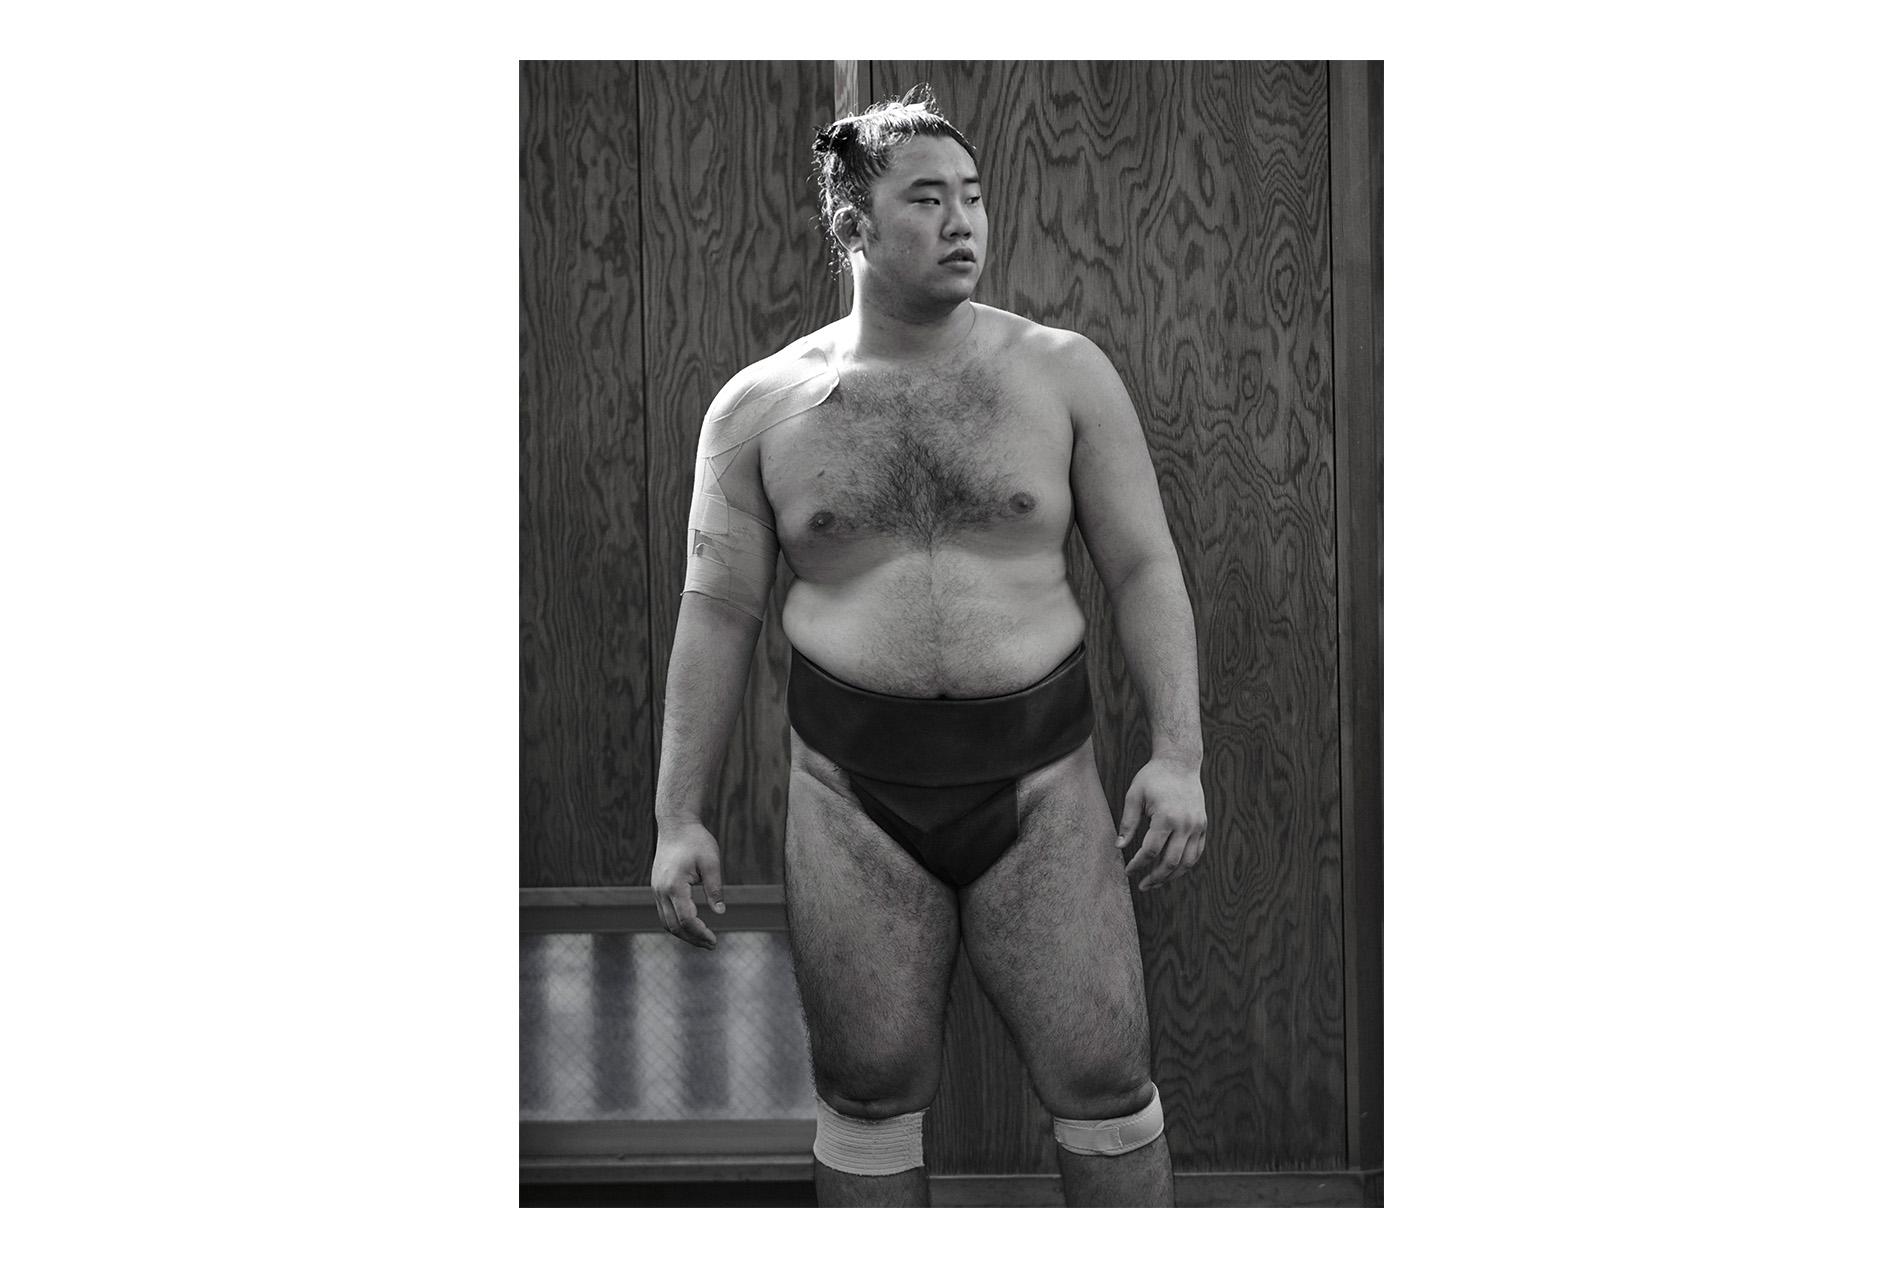 Sumo - 4 of 12